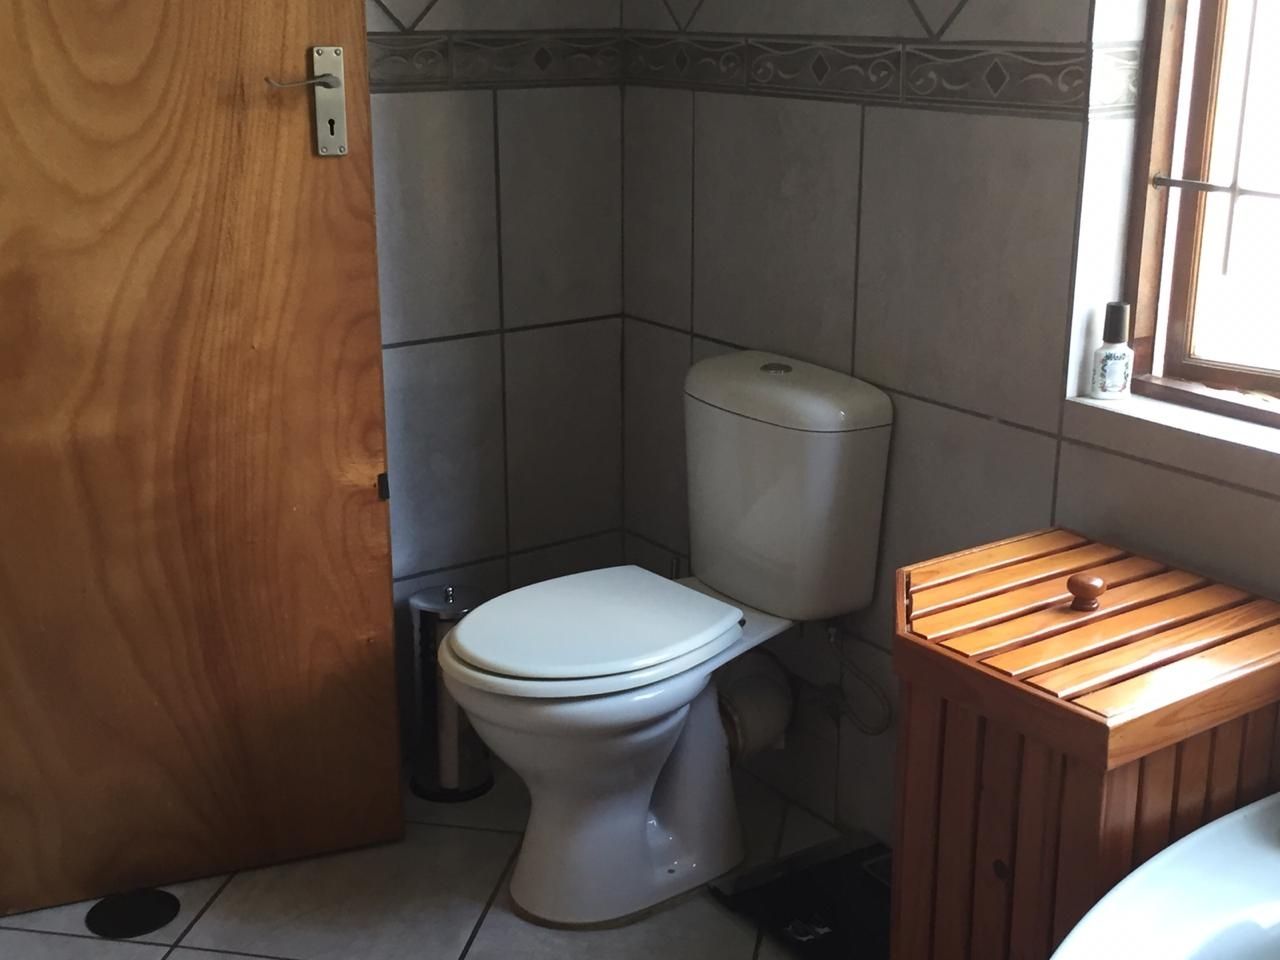 Toilet in en-suite bathroom